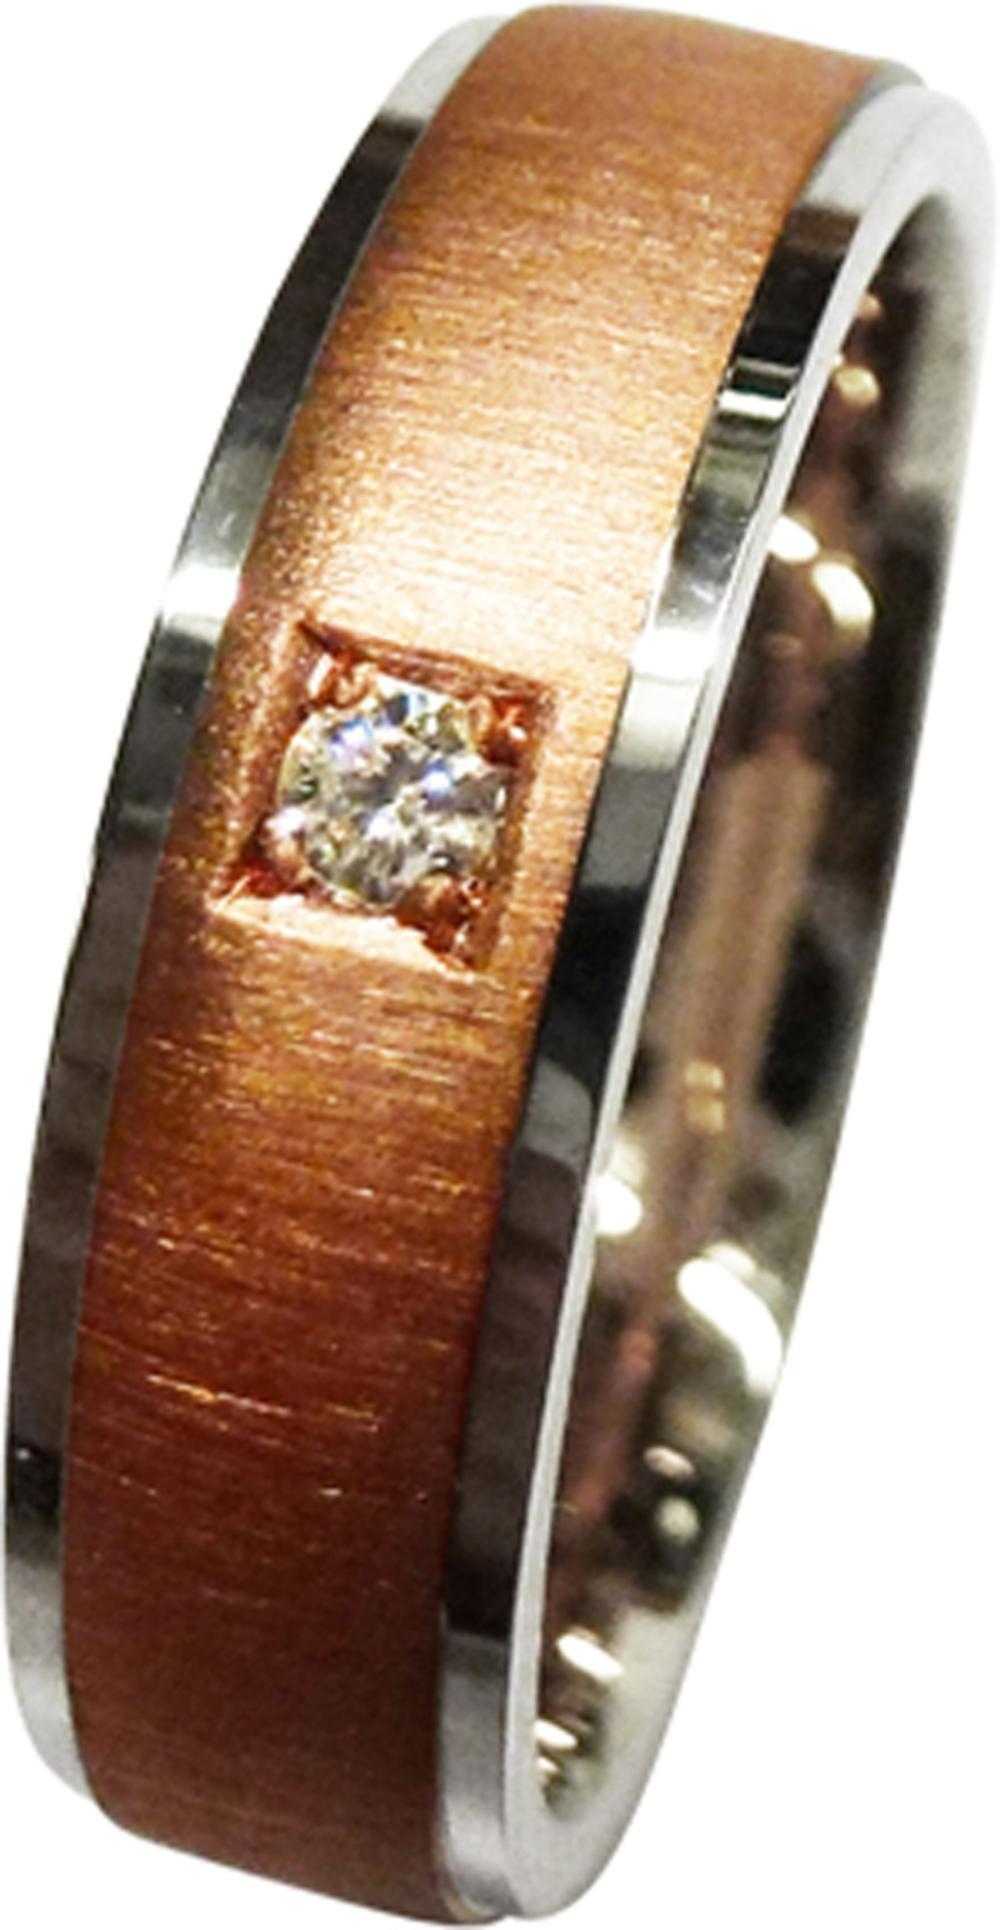 CH.ABRAMOWICZ Trauring/Ehering in Weissgold und Rotgold mit einem Brillant 100497700